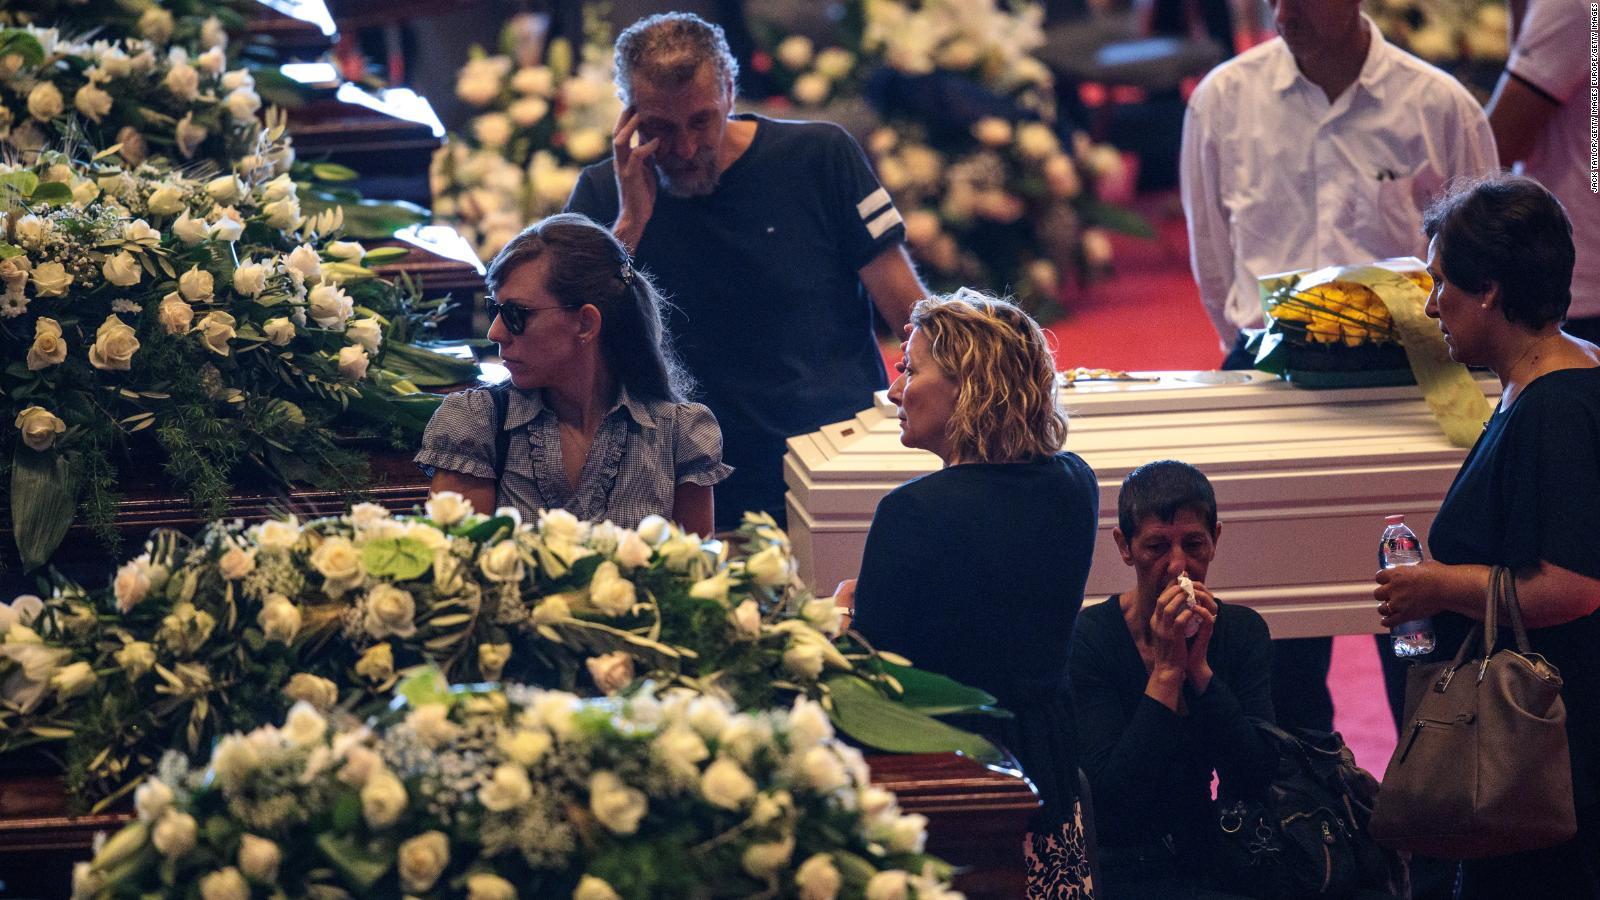 Genoa bridge collapse state funeral held for victims cnn izmirmasajfo